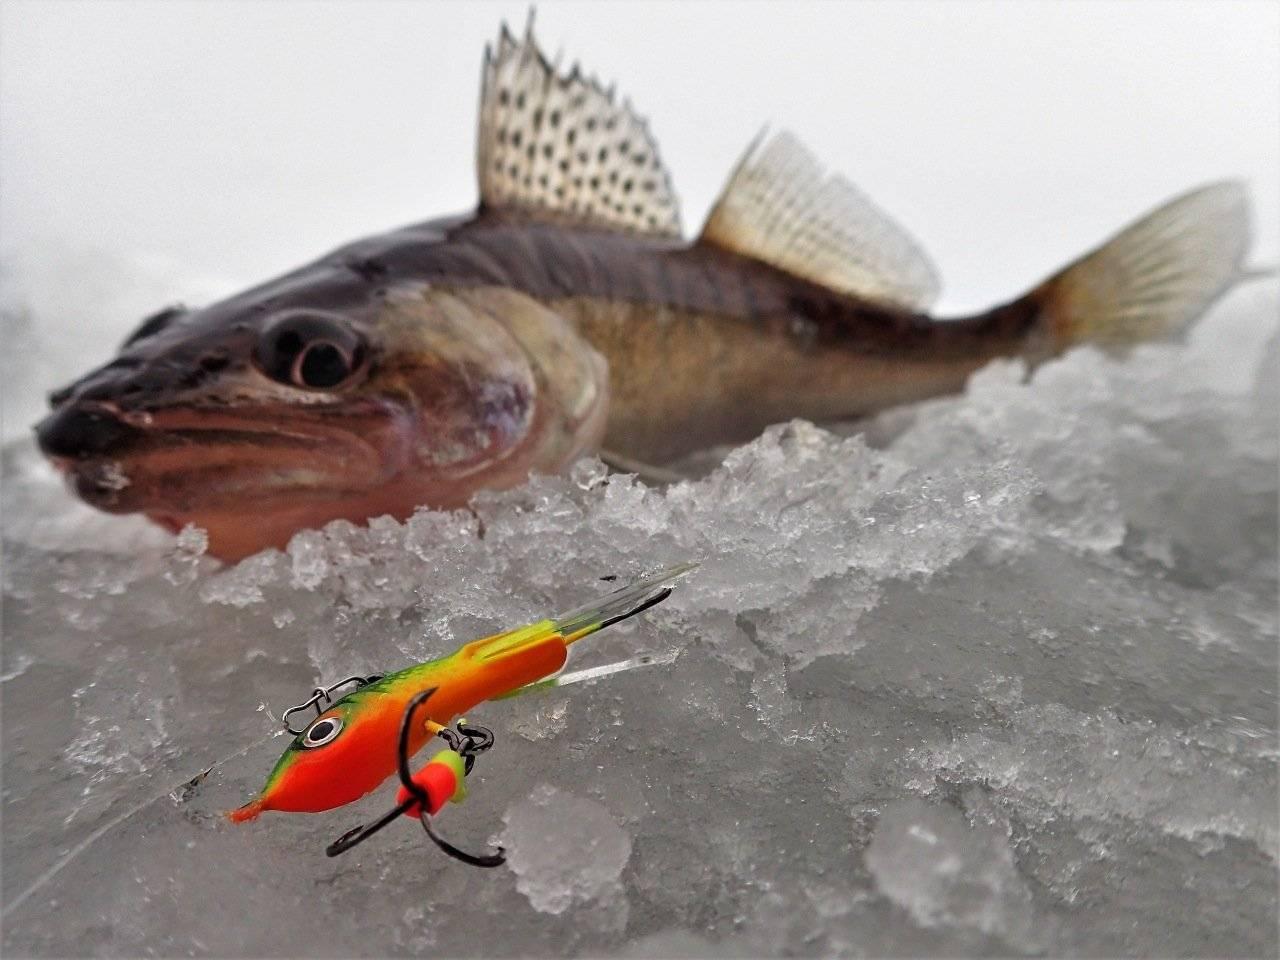 Балансиры на судака зимой – ловля, оснастка удочек, тактика и техника